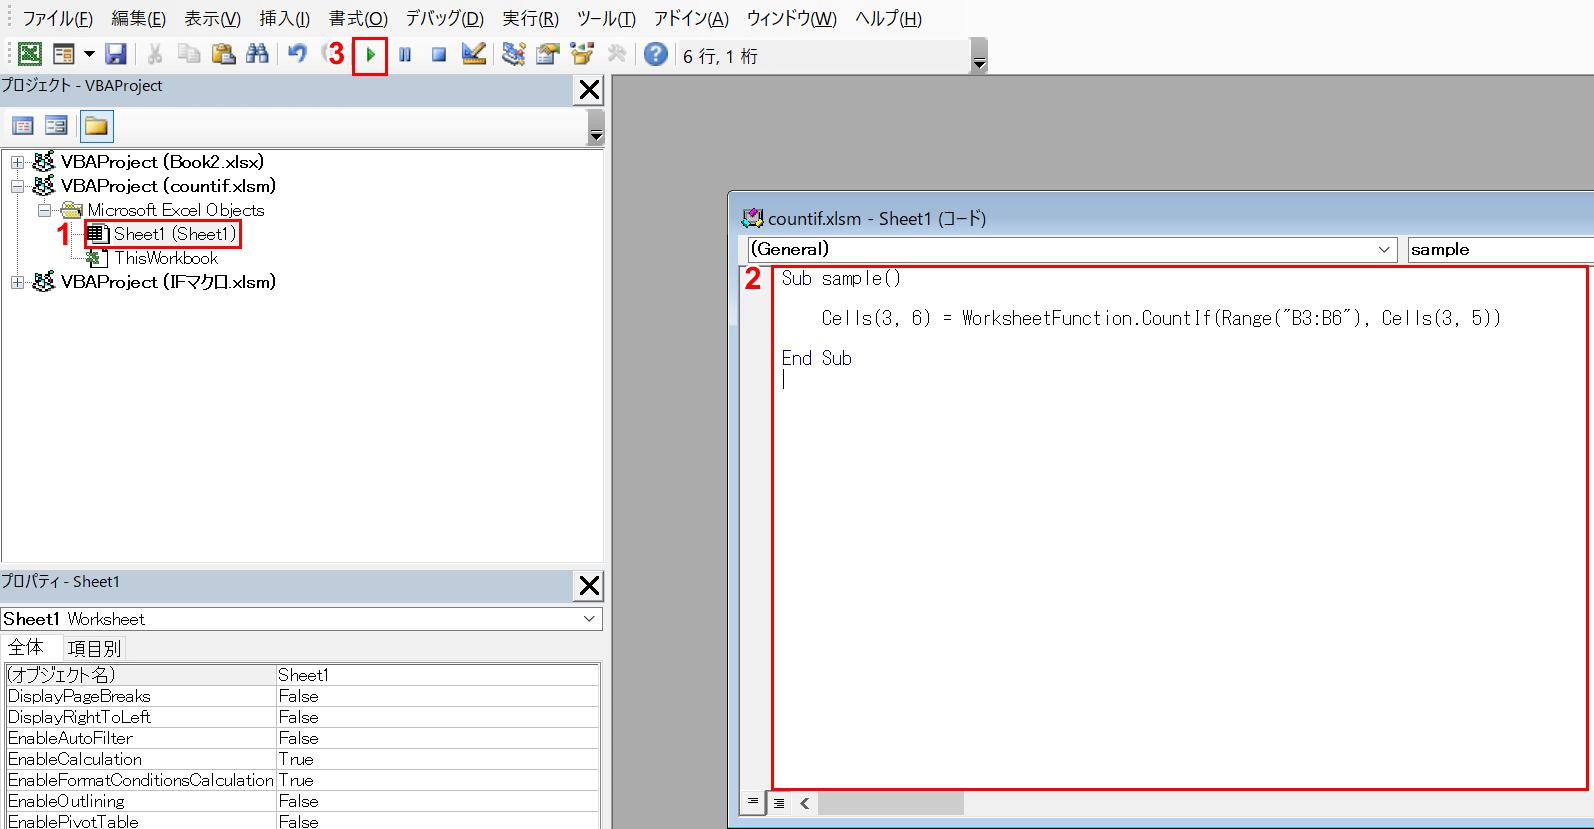 ソースコードを入力し、実行する